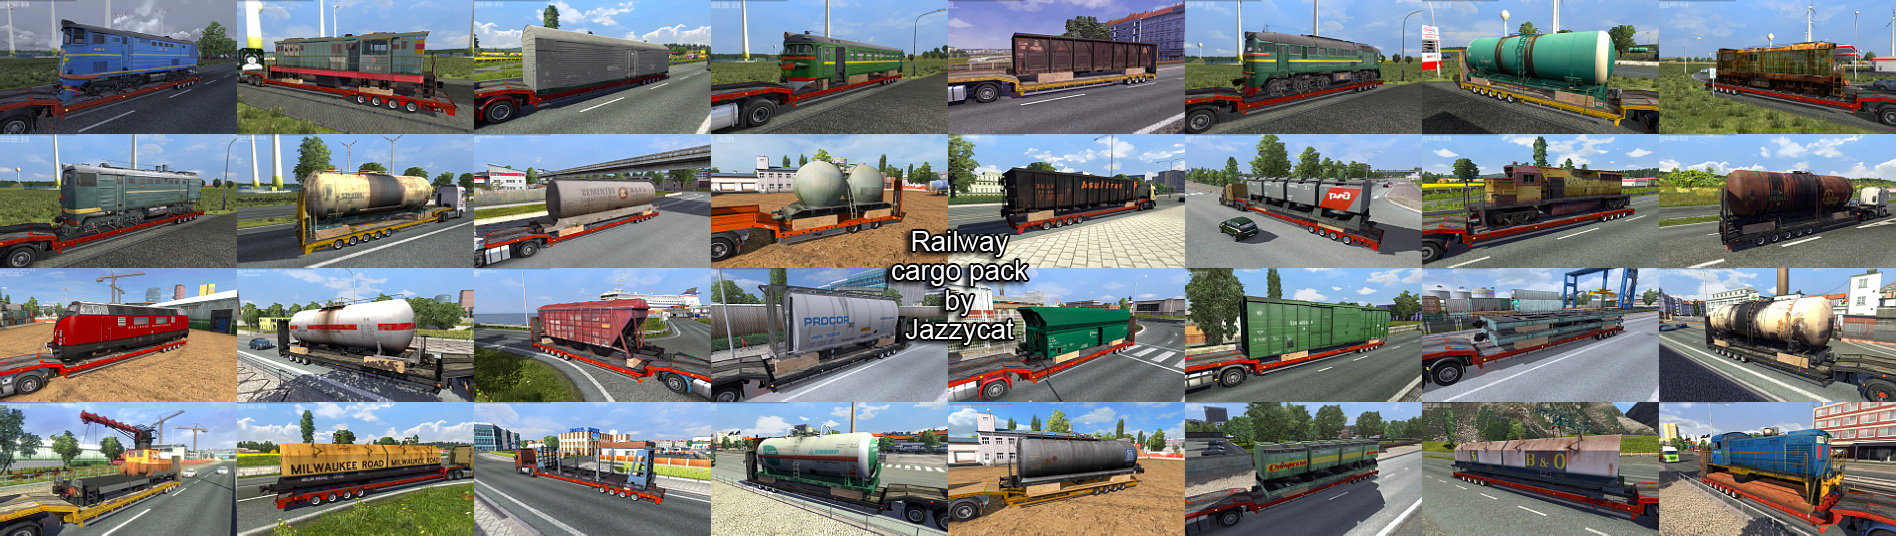 Railway Cargo Pack v1.8.5